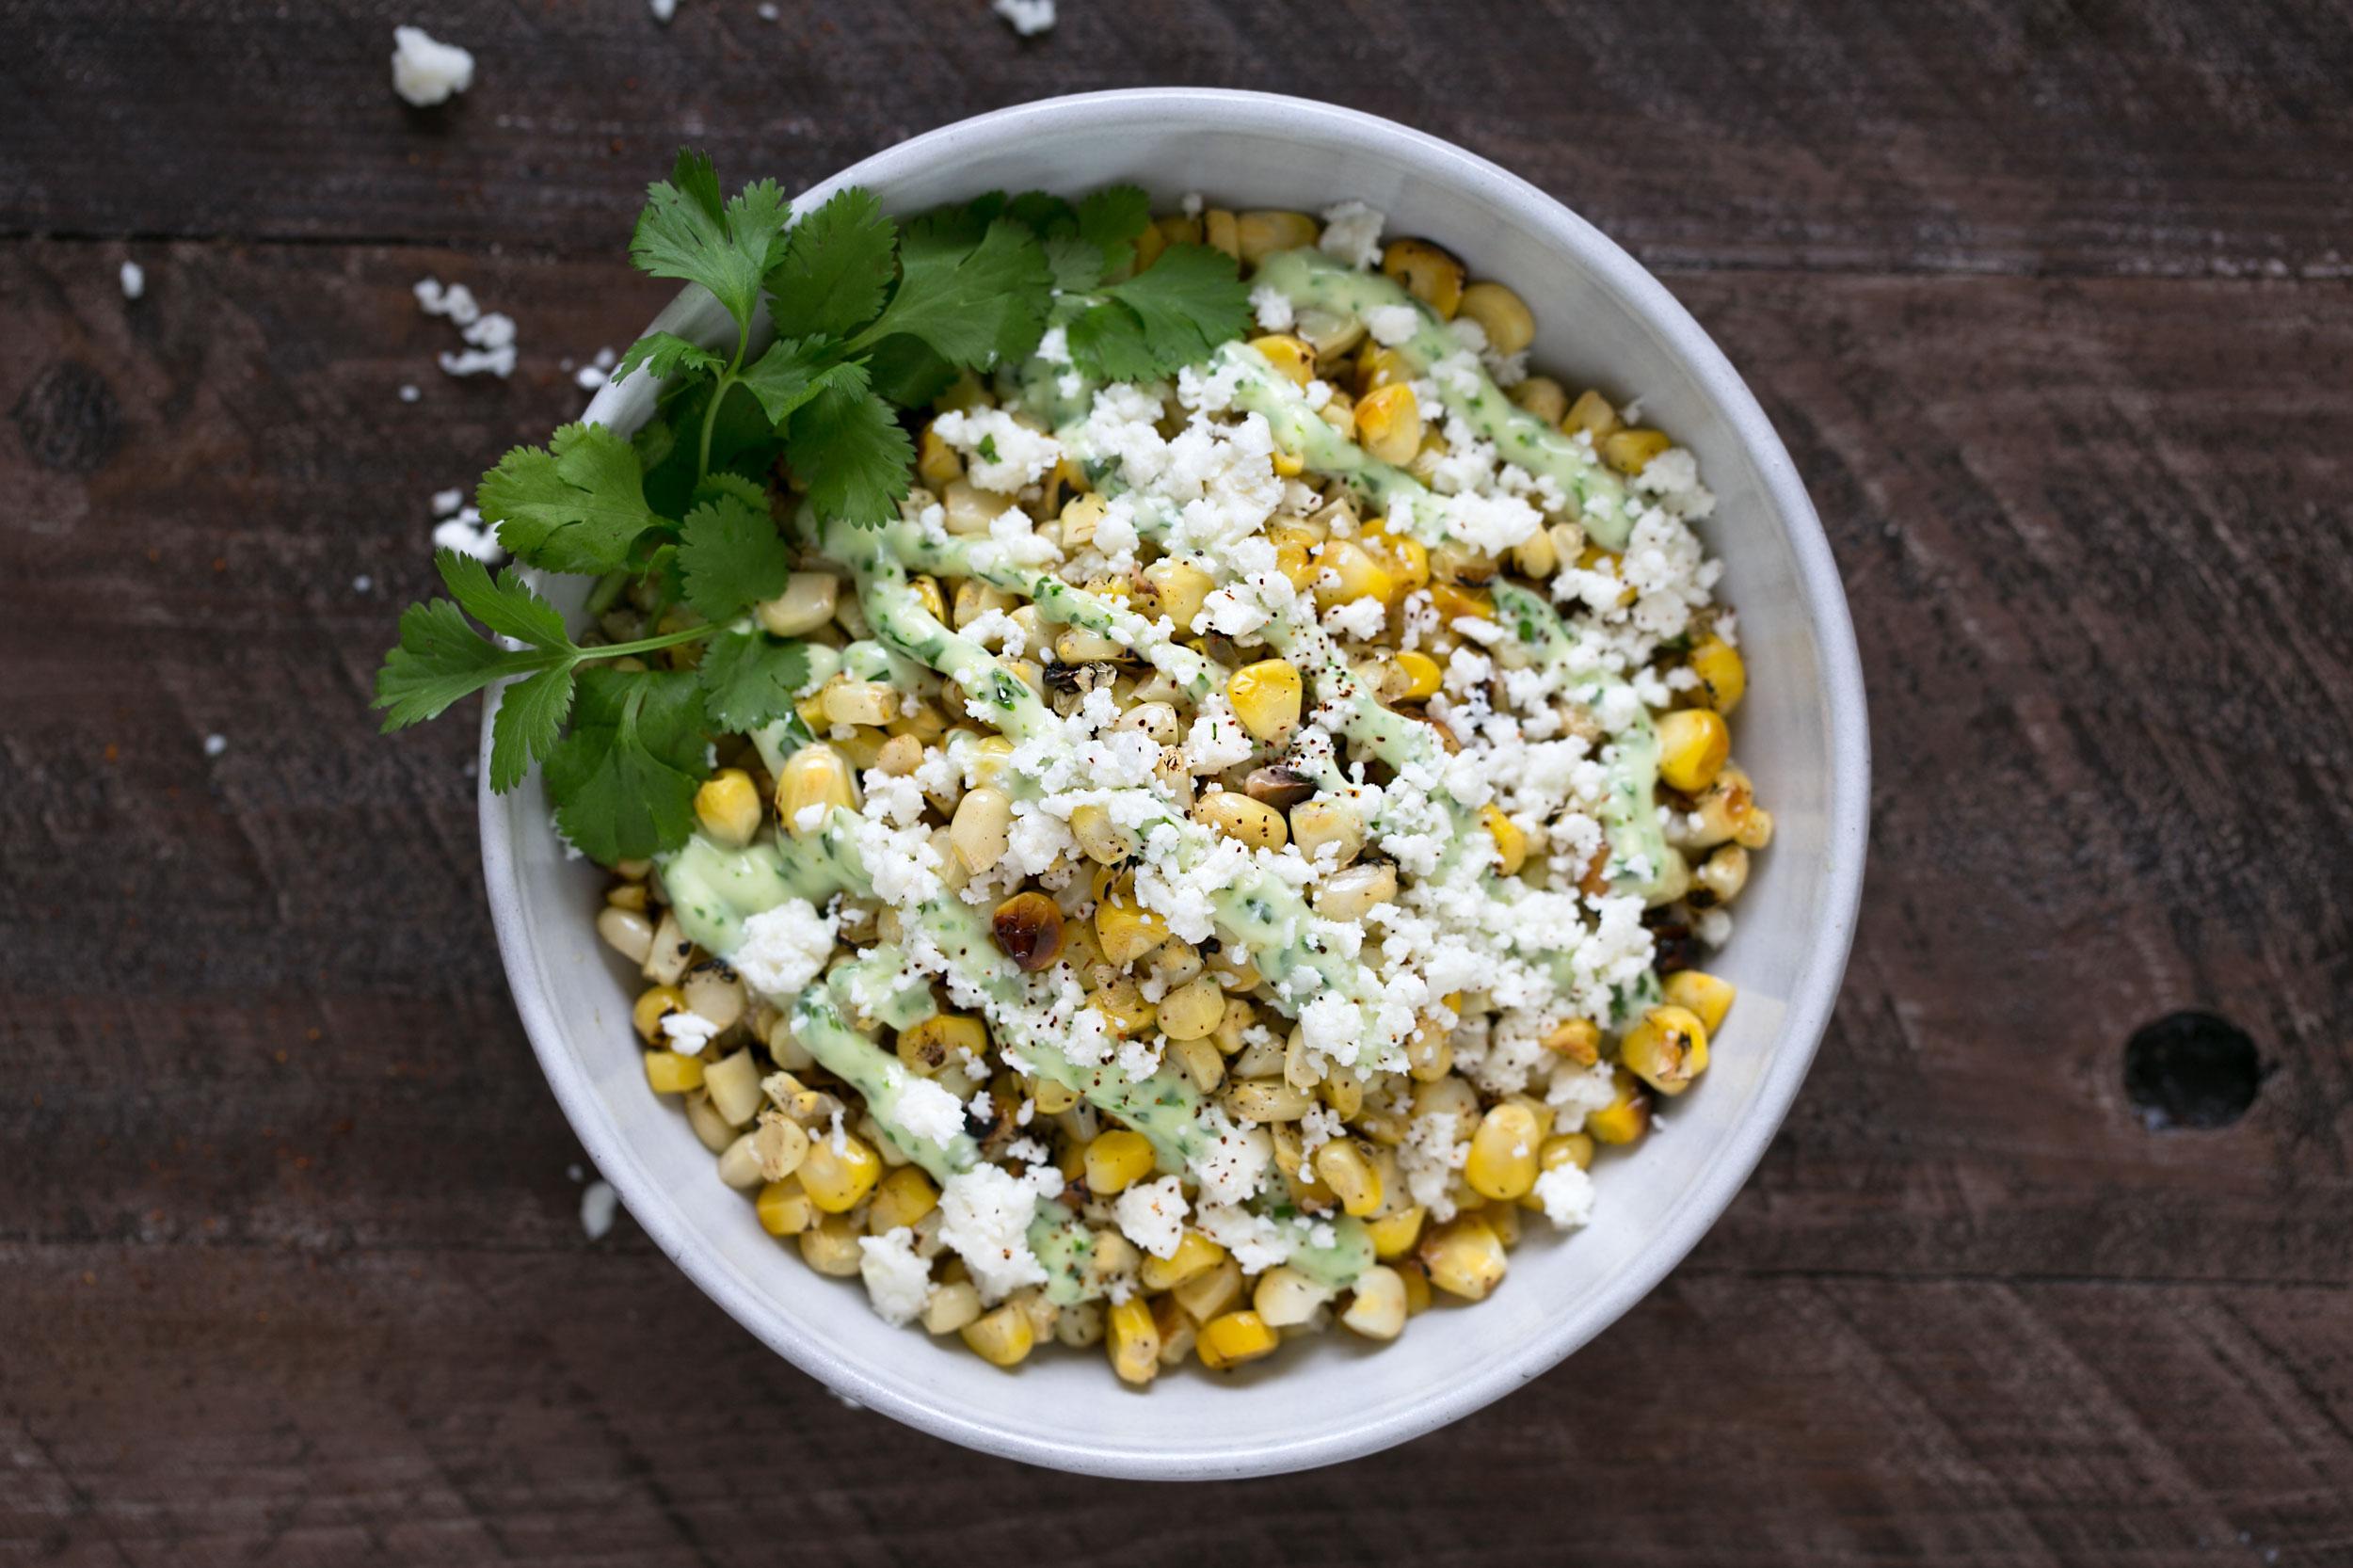 charred corn with cilantro aioli and queso fresco bowl